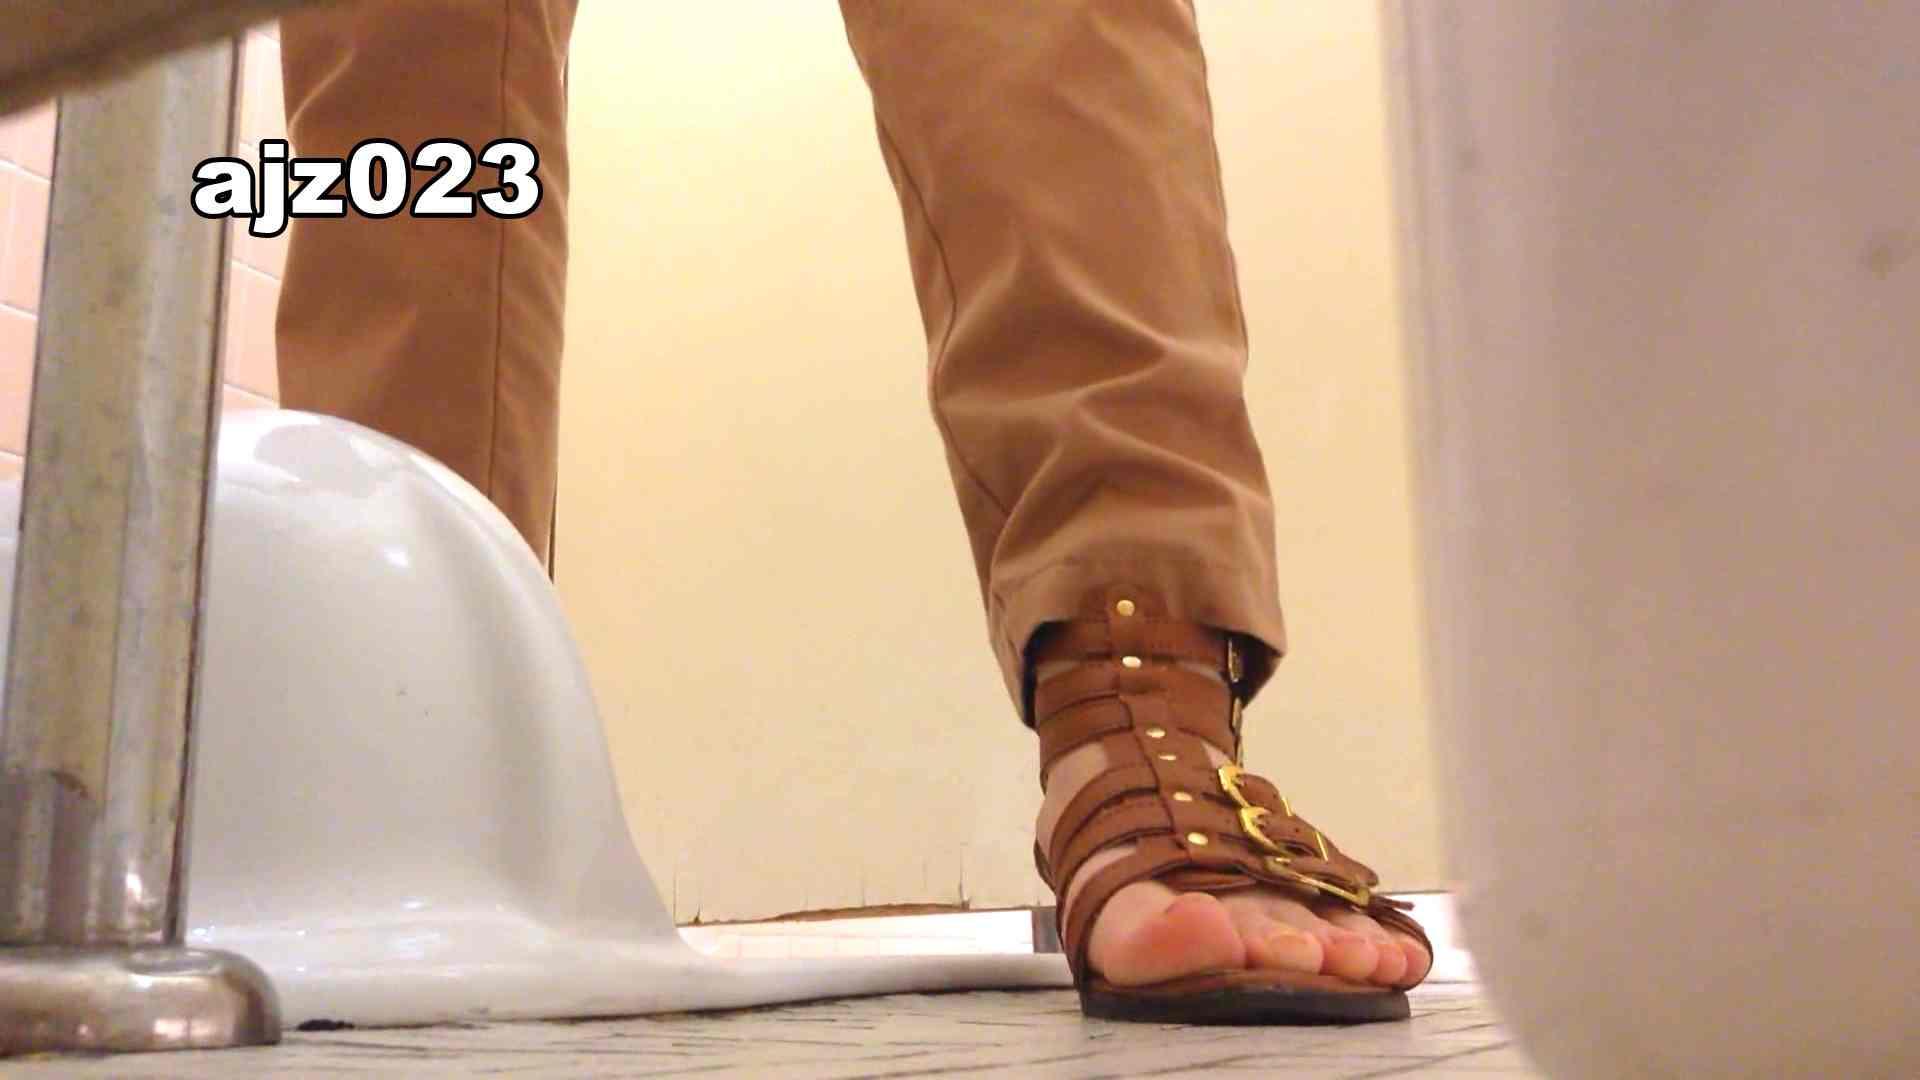 某有名大学女性洗面所 vol.23 洗面所 | HなOL  98pic 24